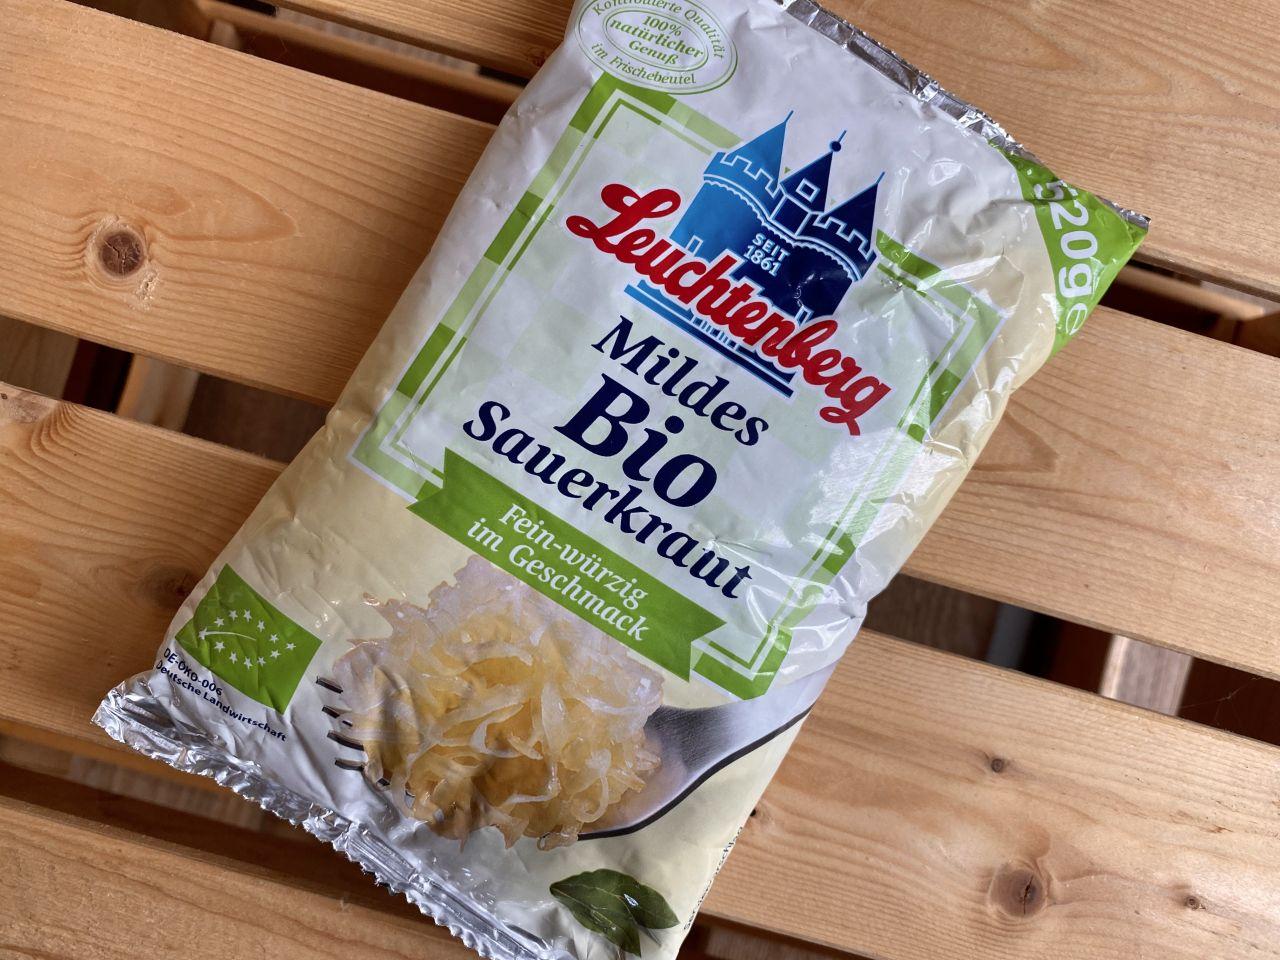 Mildes Bio Sauerkraut